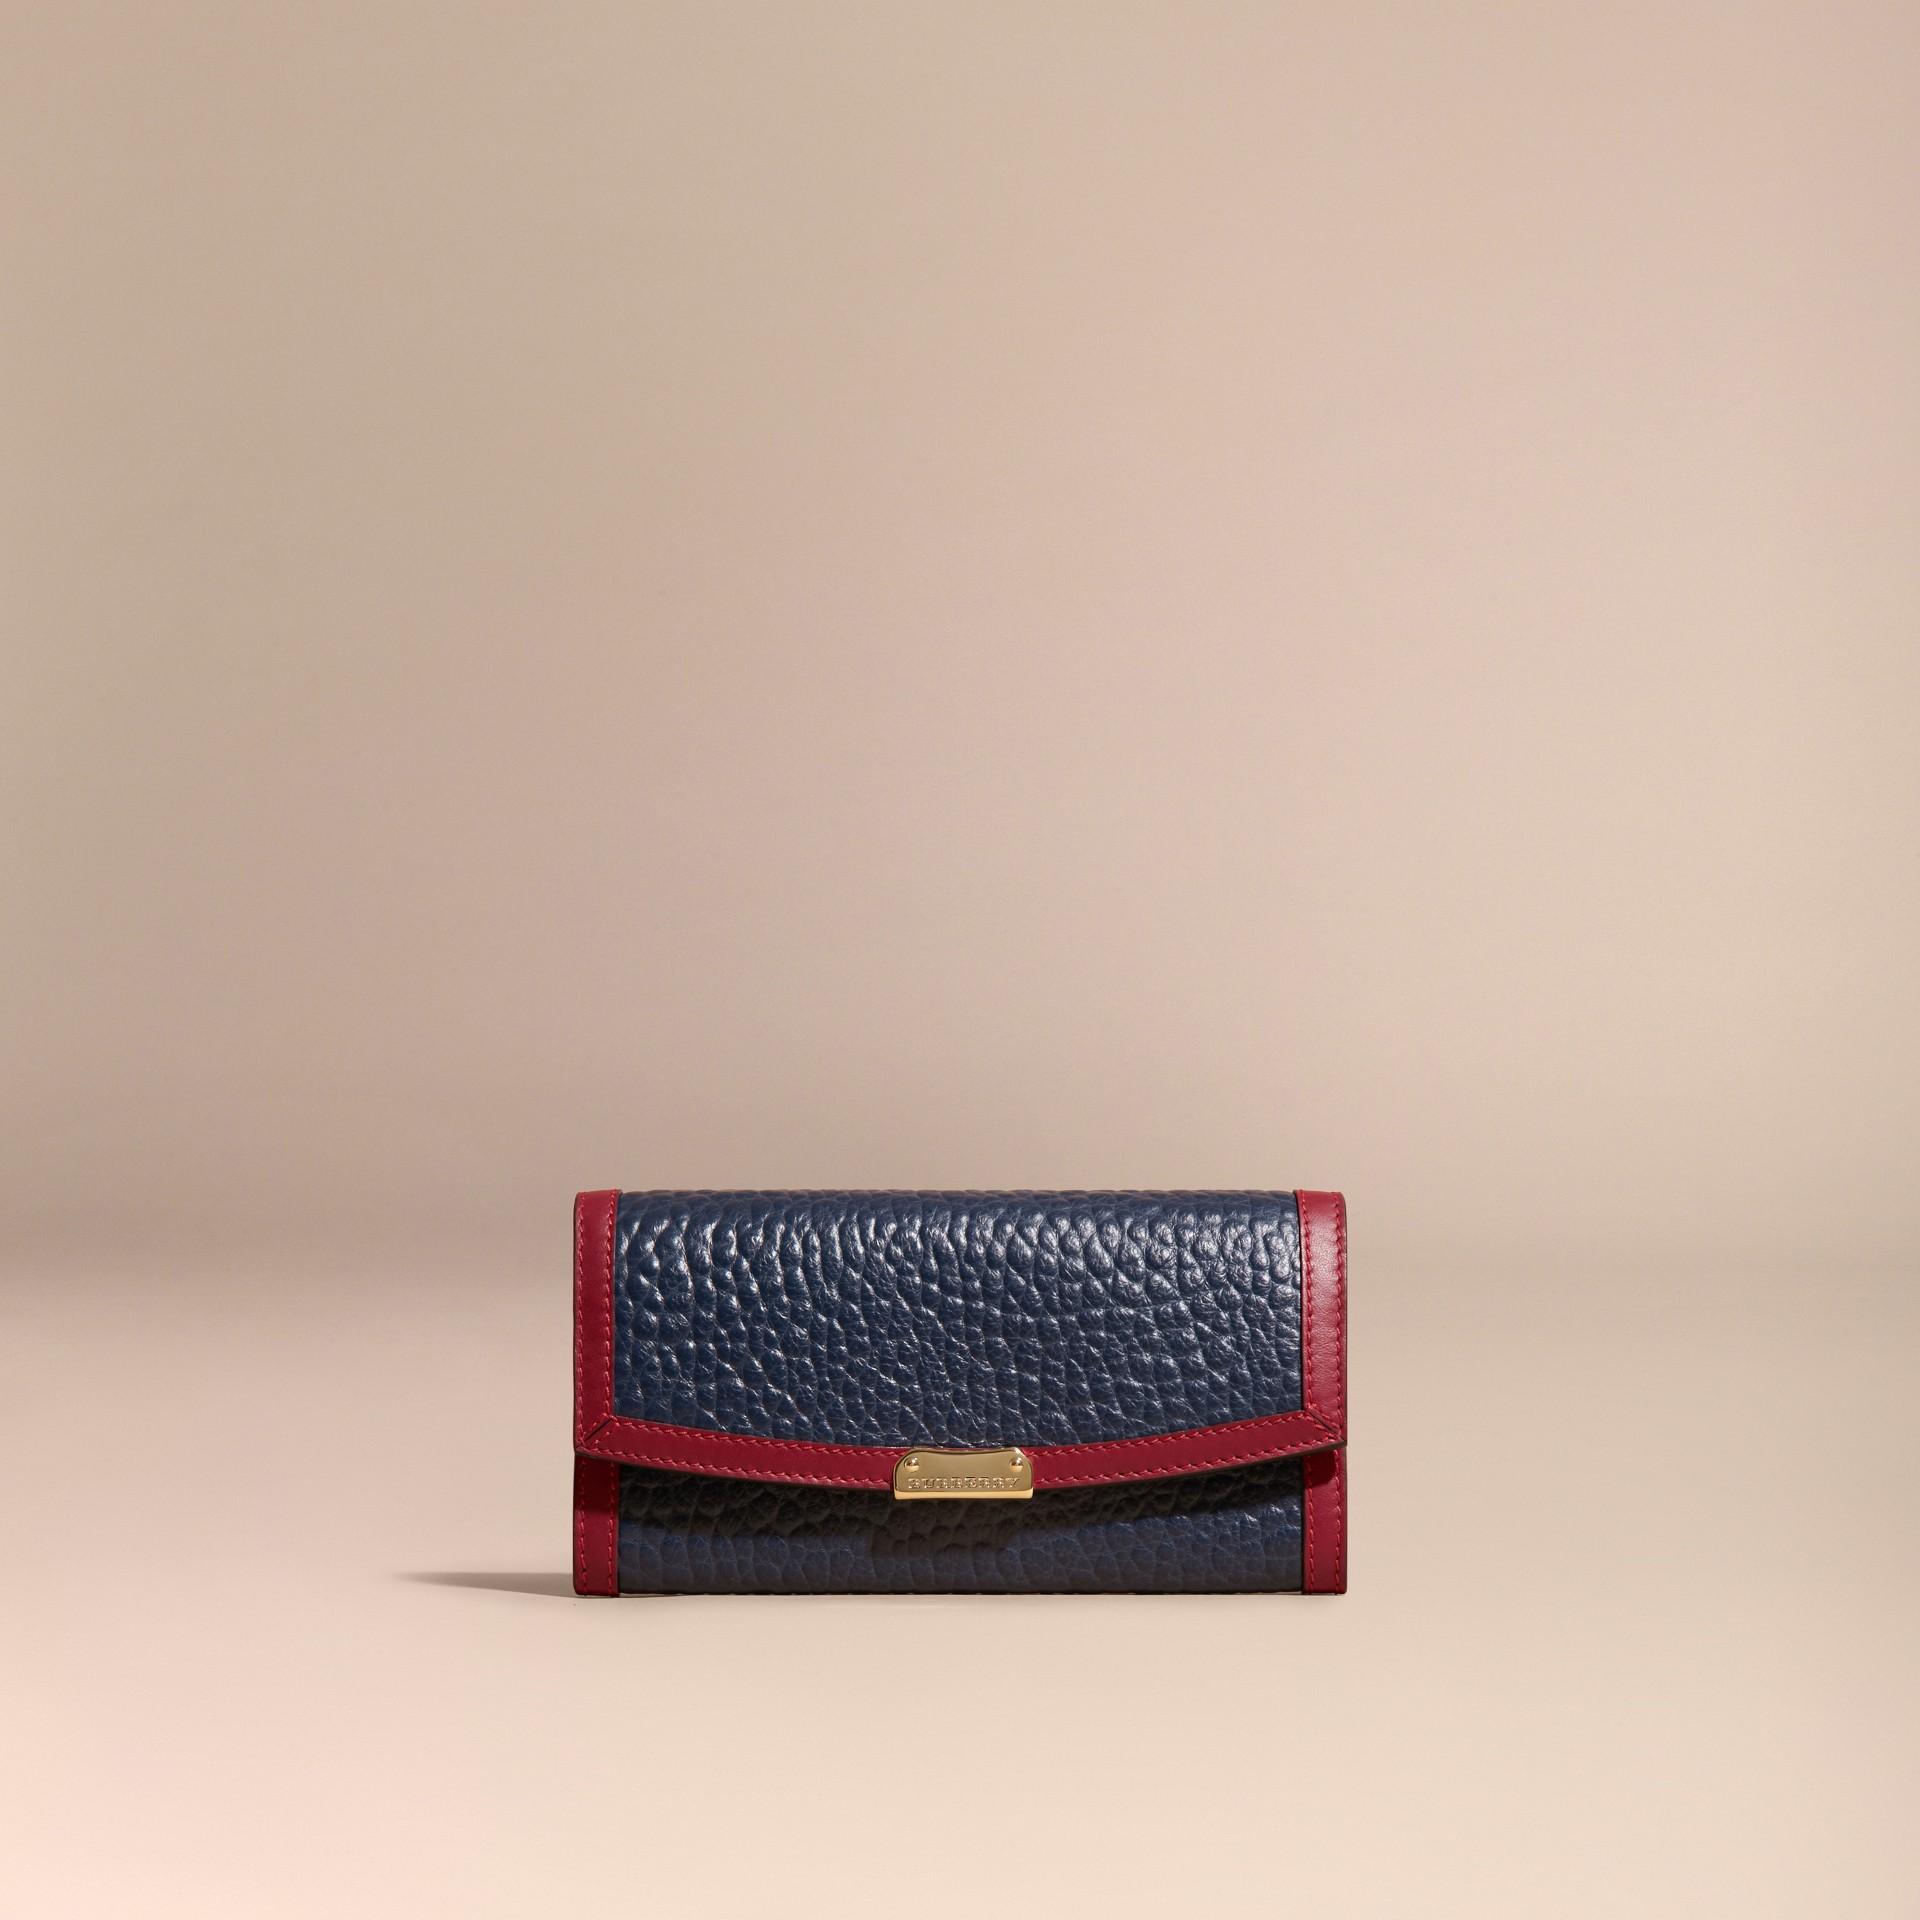 Blu carbonio/rosso parata Portafoglio continental in pelle a grana Burberry con bordo a contrasto - immagine della galleria 6